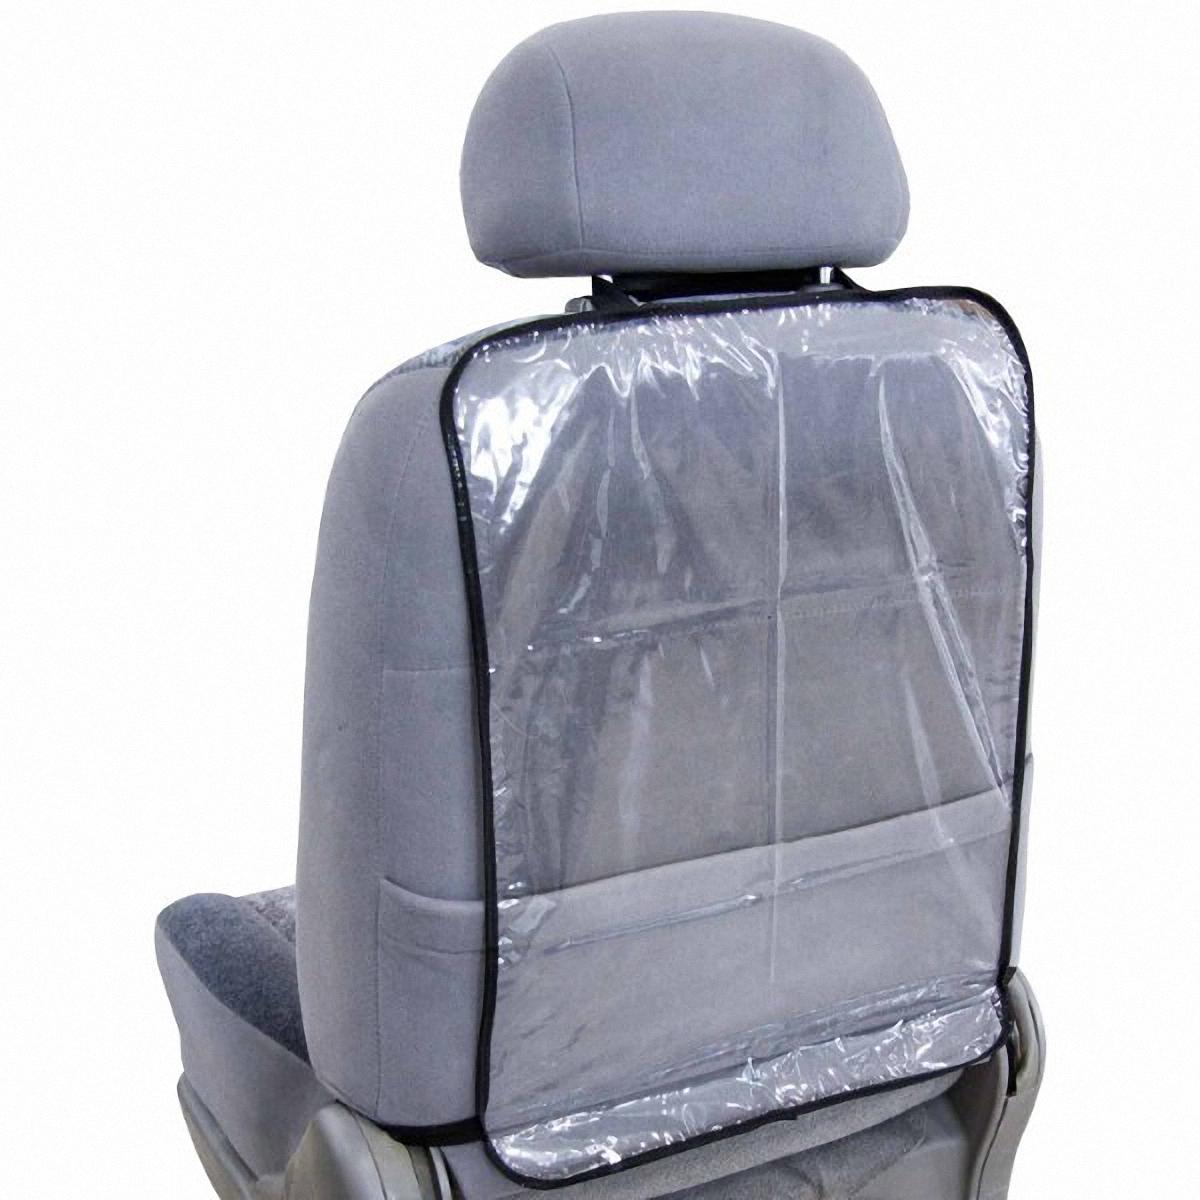 Накидка защитная Skyway, на спинку сидения, 40 х 60 см. S06101008 защита спинки сиденья skyway s06101011 black